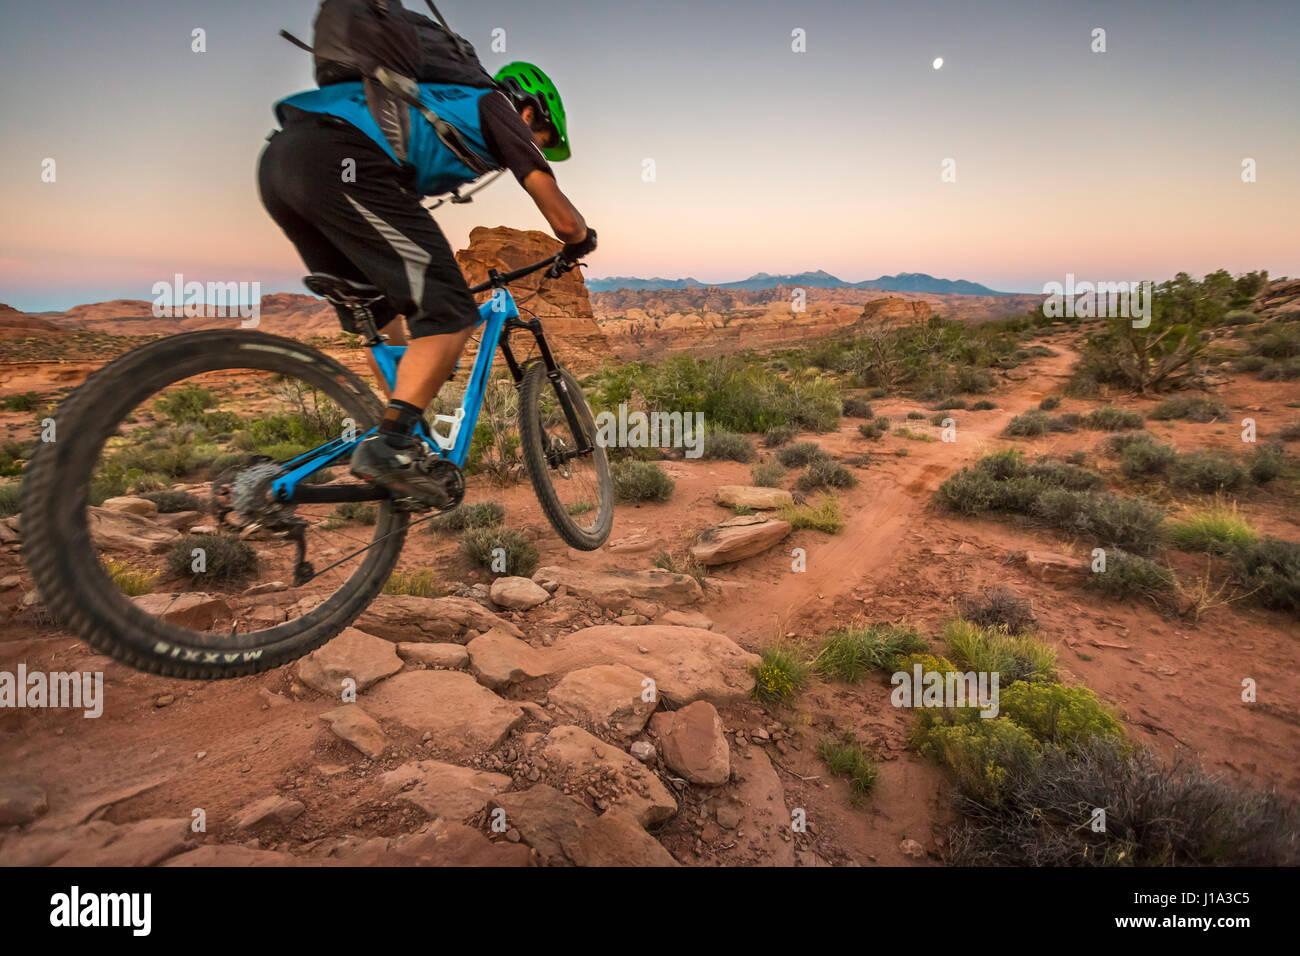 Tyson Swasey ciclismo di montagna sul sentiero Hymasa, Moab, Utah. Immagini Stock